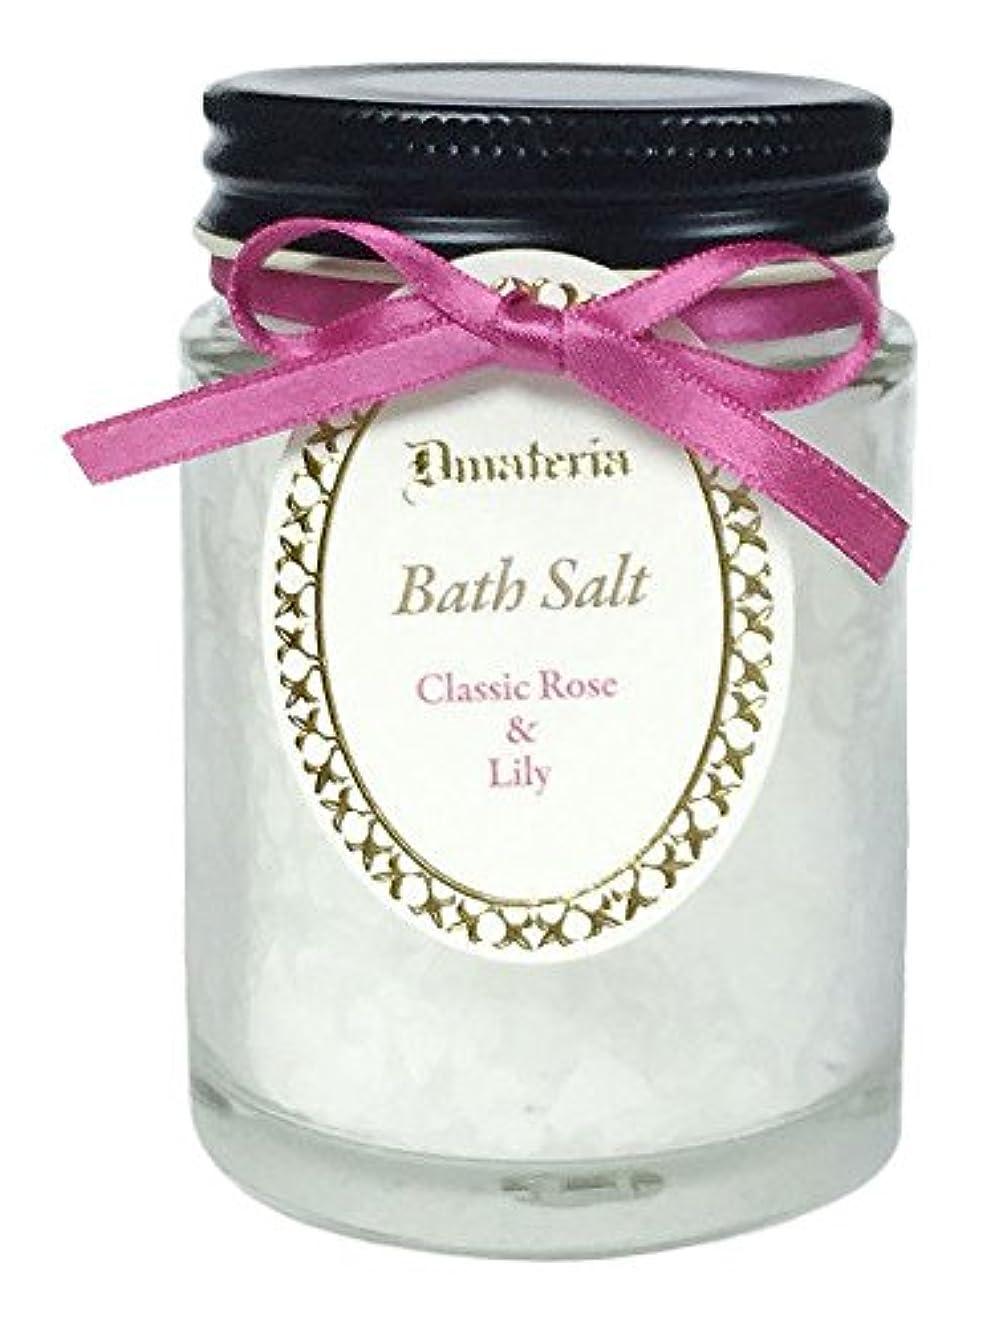 成果先生大理石D materia バスソルト クラシックローズ&リリー Classic Rose&Lily Bath Salt ディーマテリア